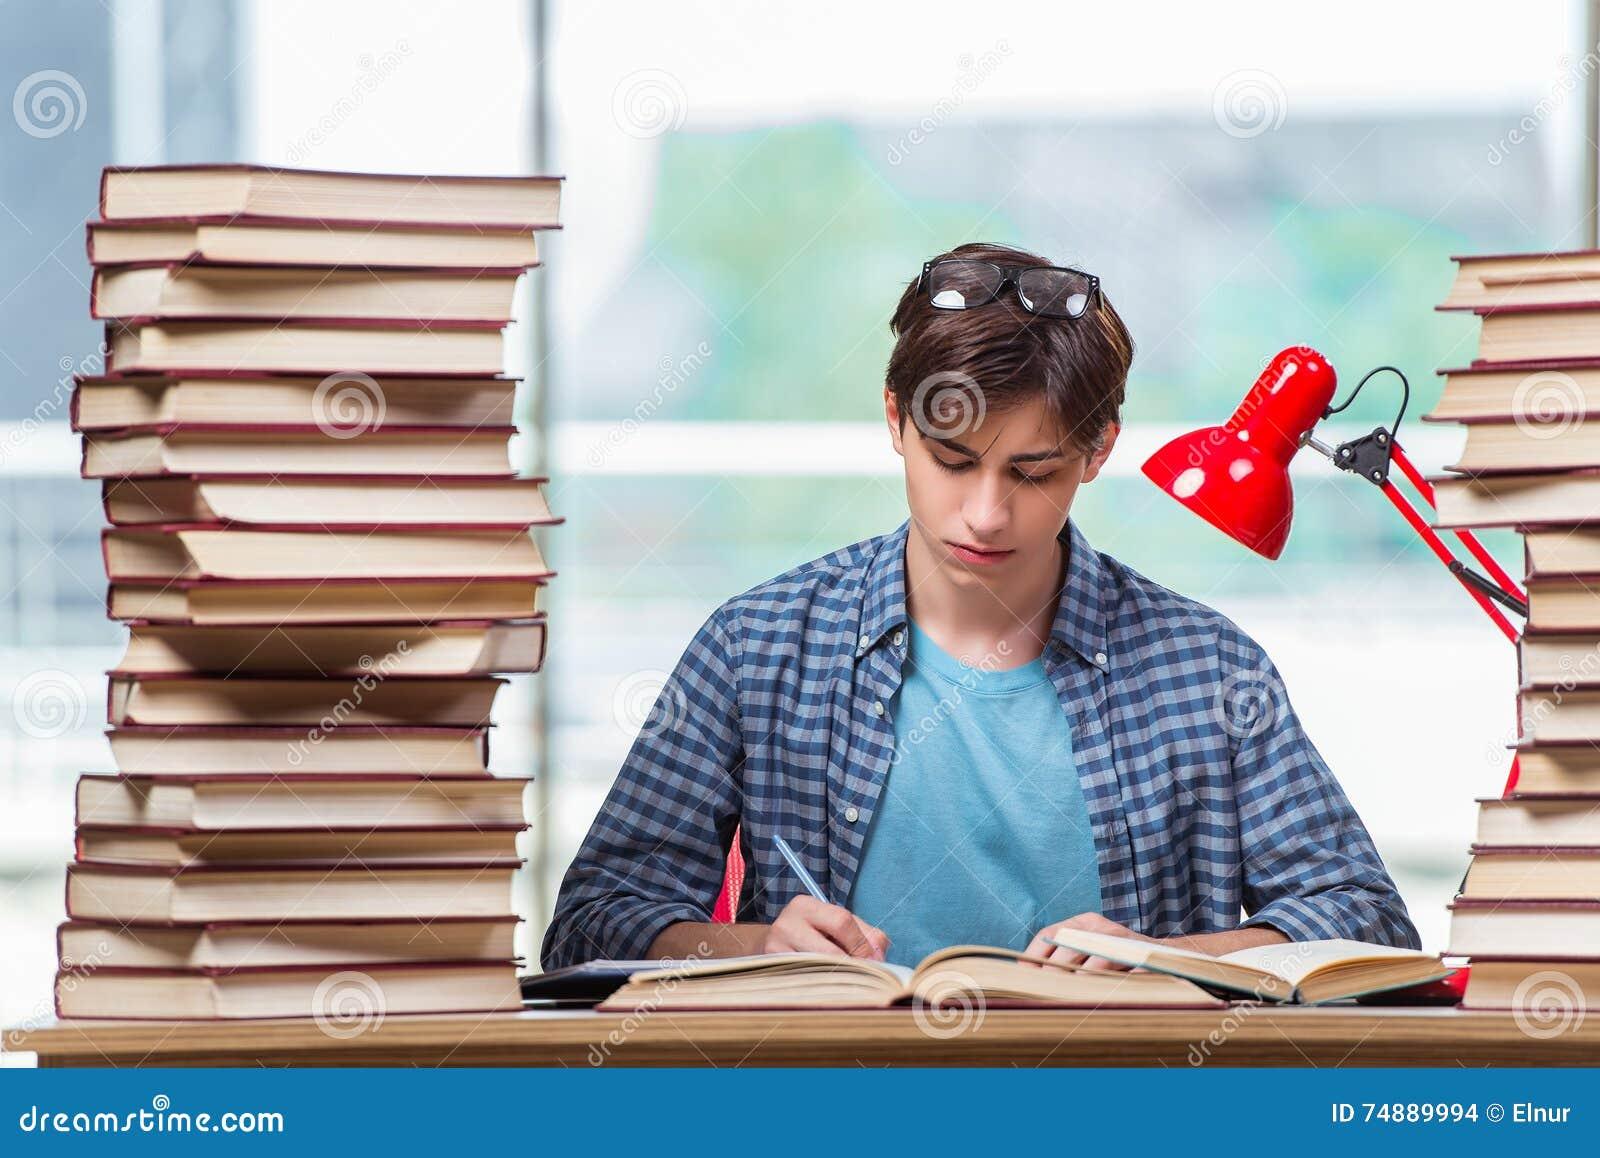 Ο νέος σπουδαστής κάτω από την πίεση πριν από τους διαγωνισμούς